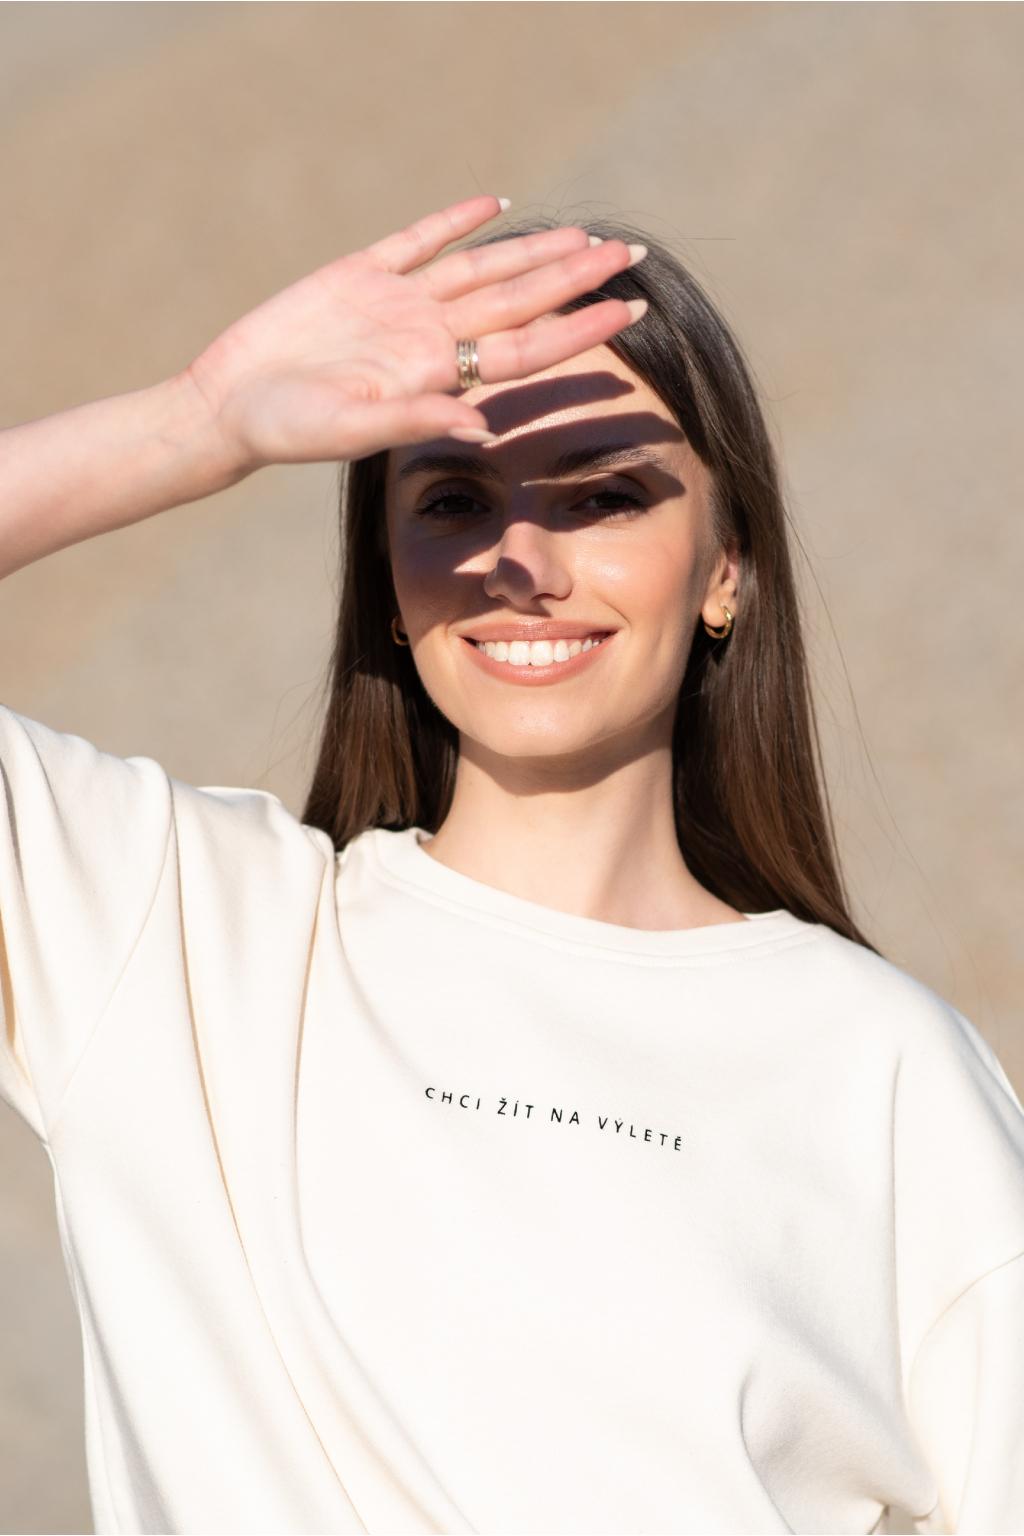 KOUSEK tričko biobavlna vrstevnice tričko Chci žít na výletě